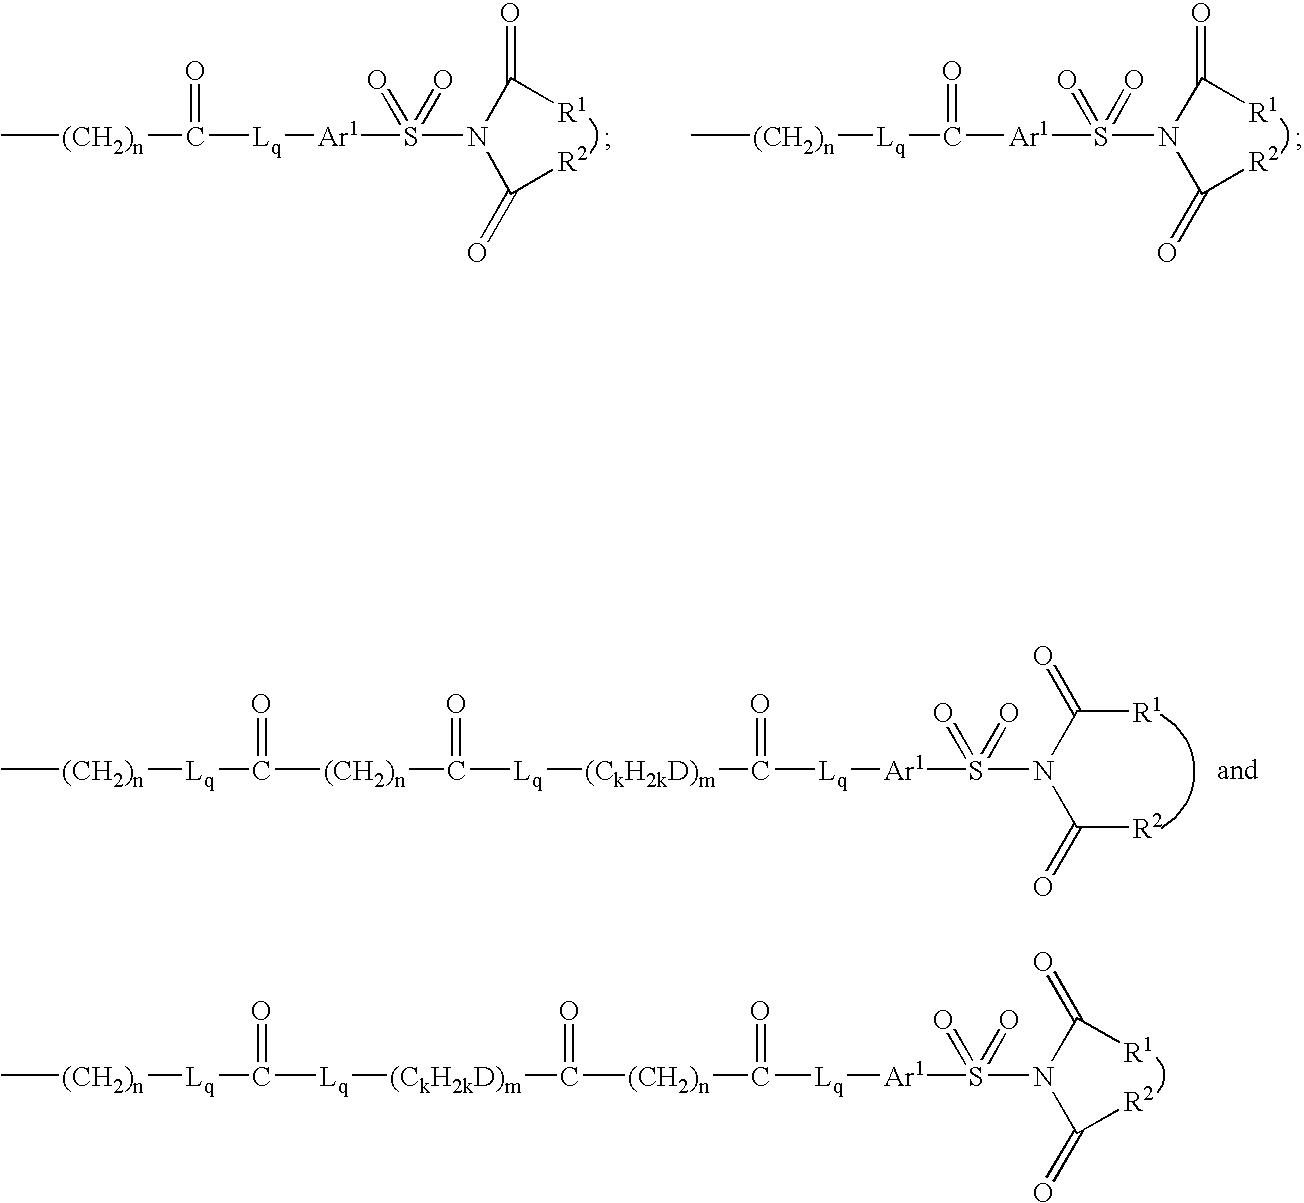 Figure US20060135783A1-20060622-C00005